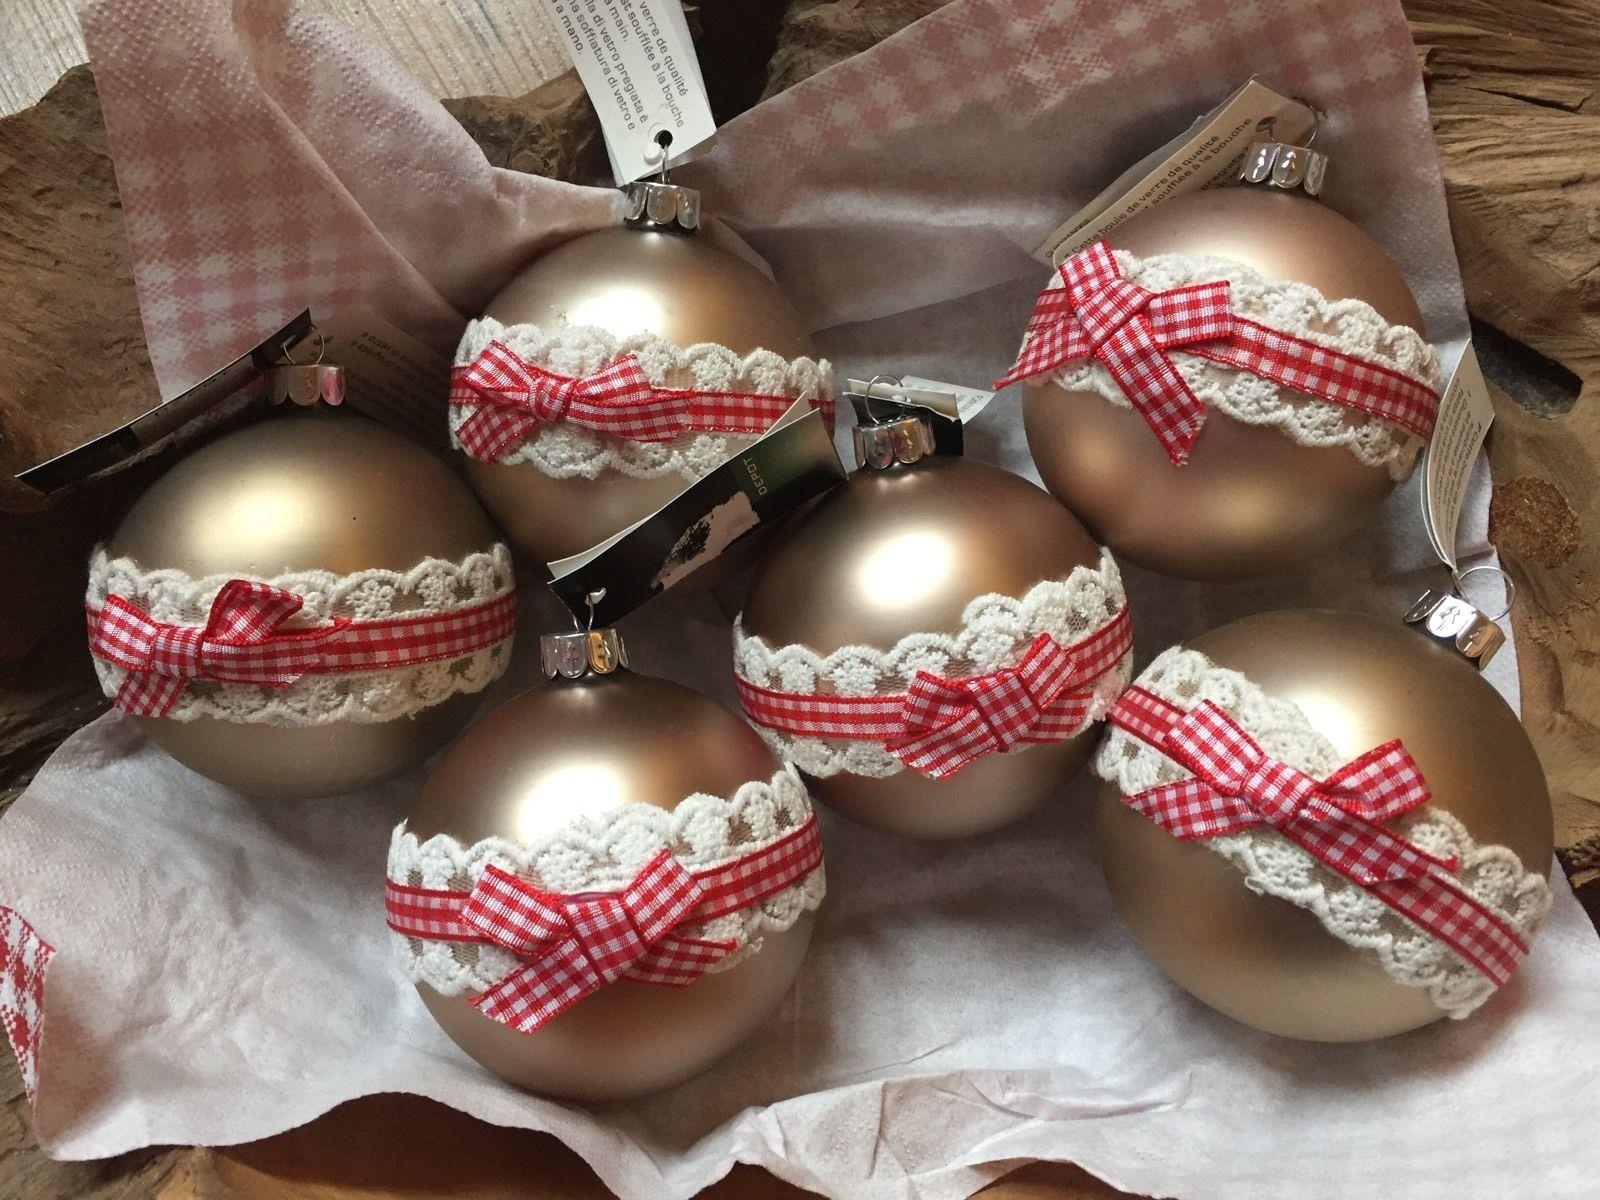 Christbaumkugeln Kariert.6 Christbaumkugeln Weihnachtsbaumkugeln Landhaus Stil Rot Weiß